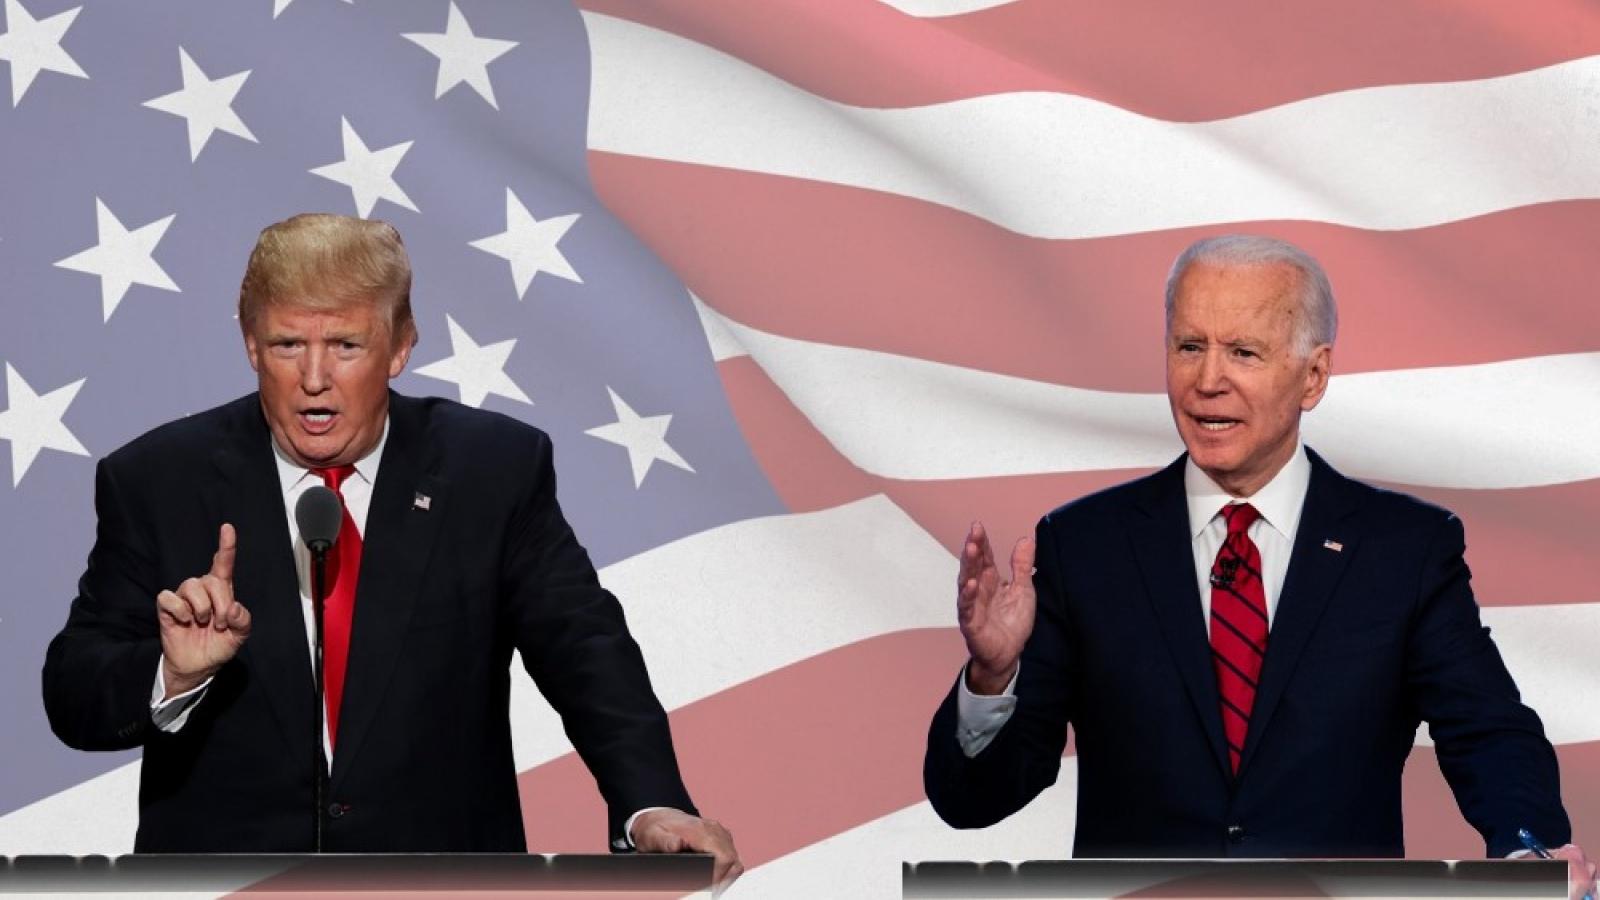 Quyền lực của Đại cử tri đoàn trong bầu cử tổng thống Mỹ